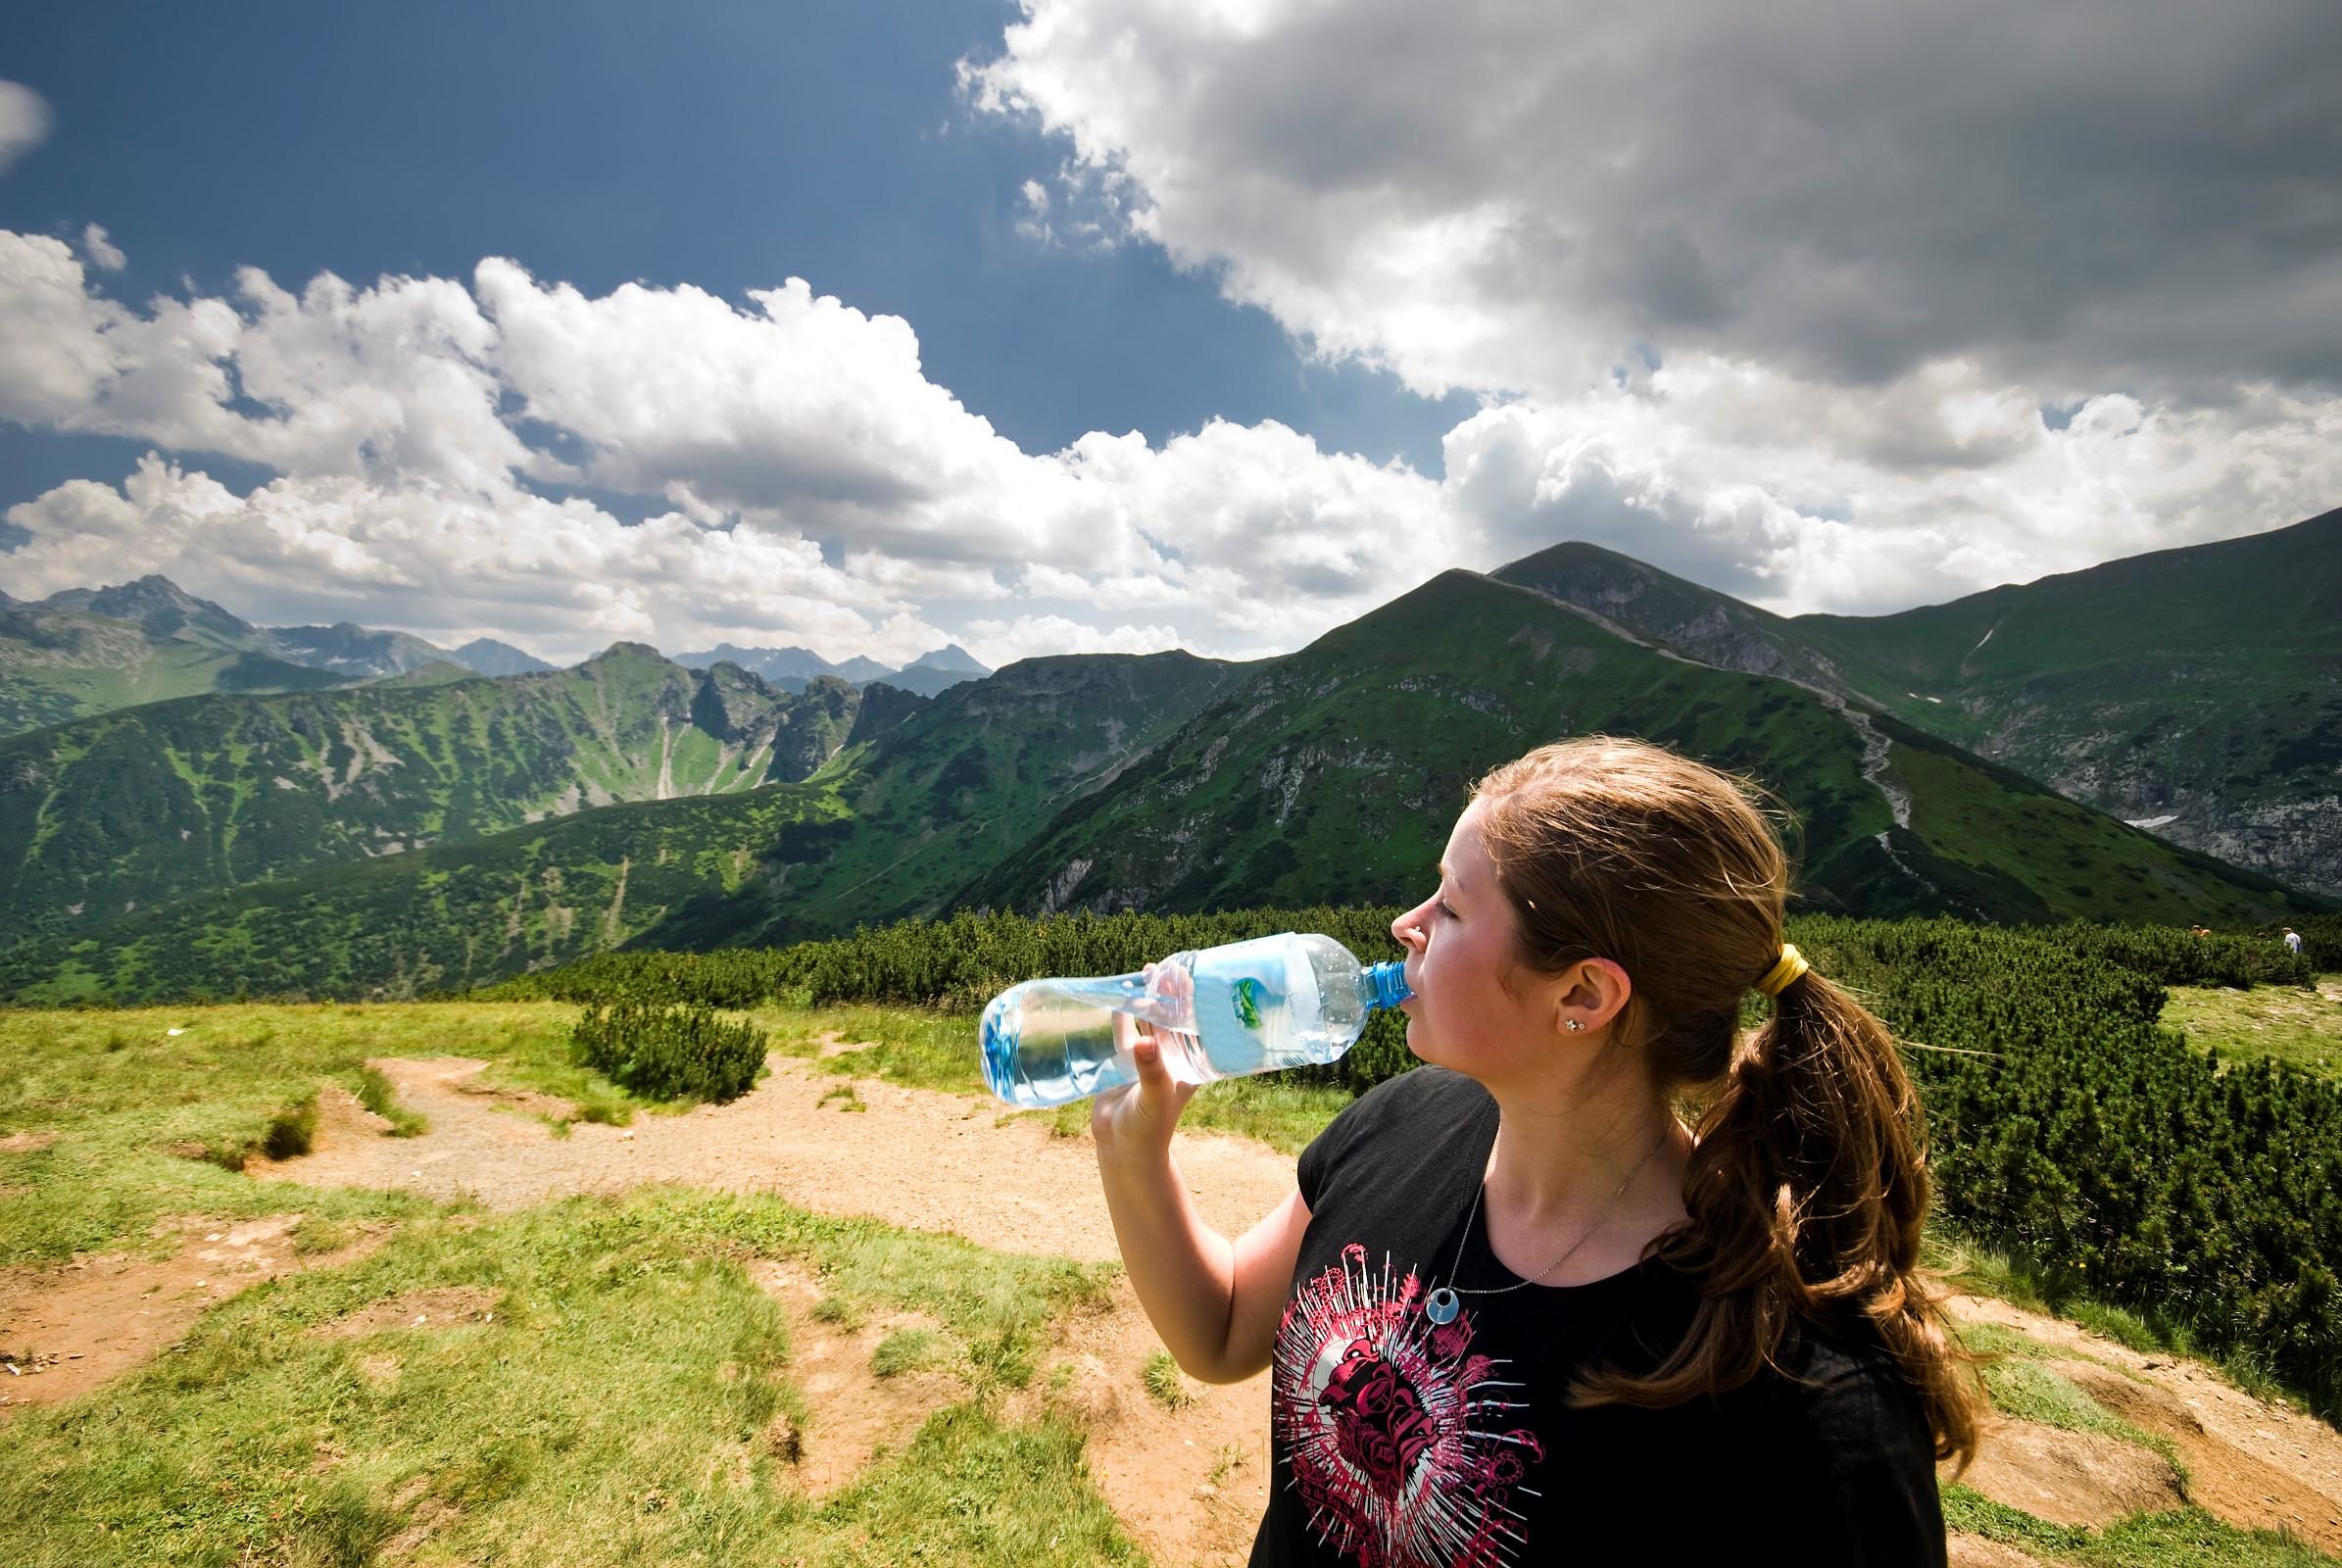 kvinne drikker fra flaske